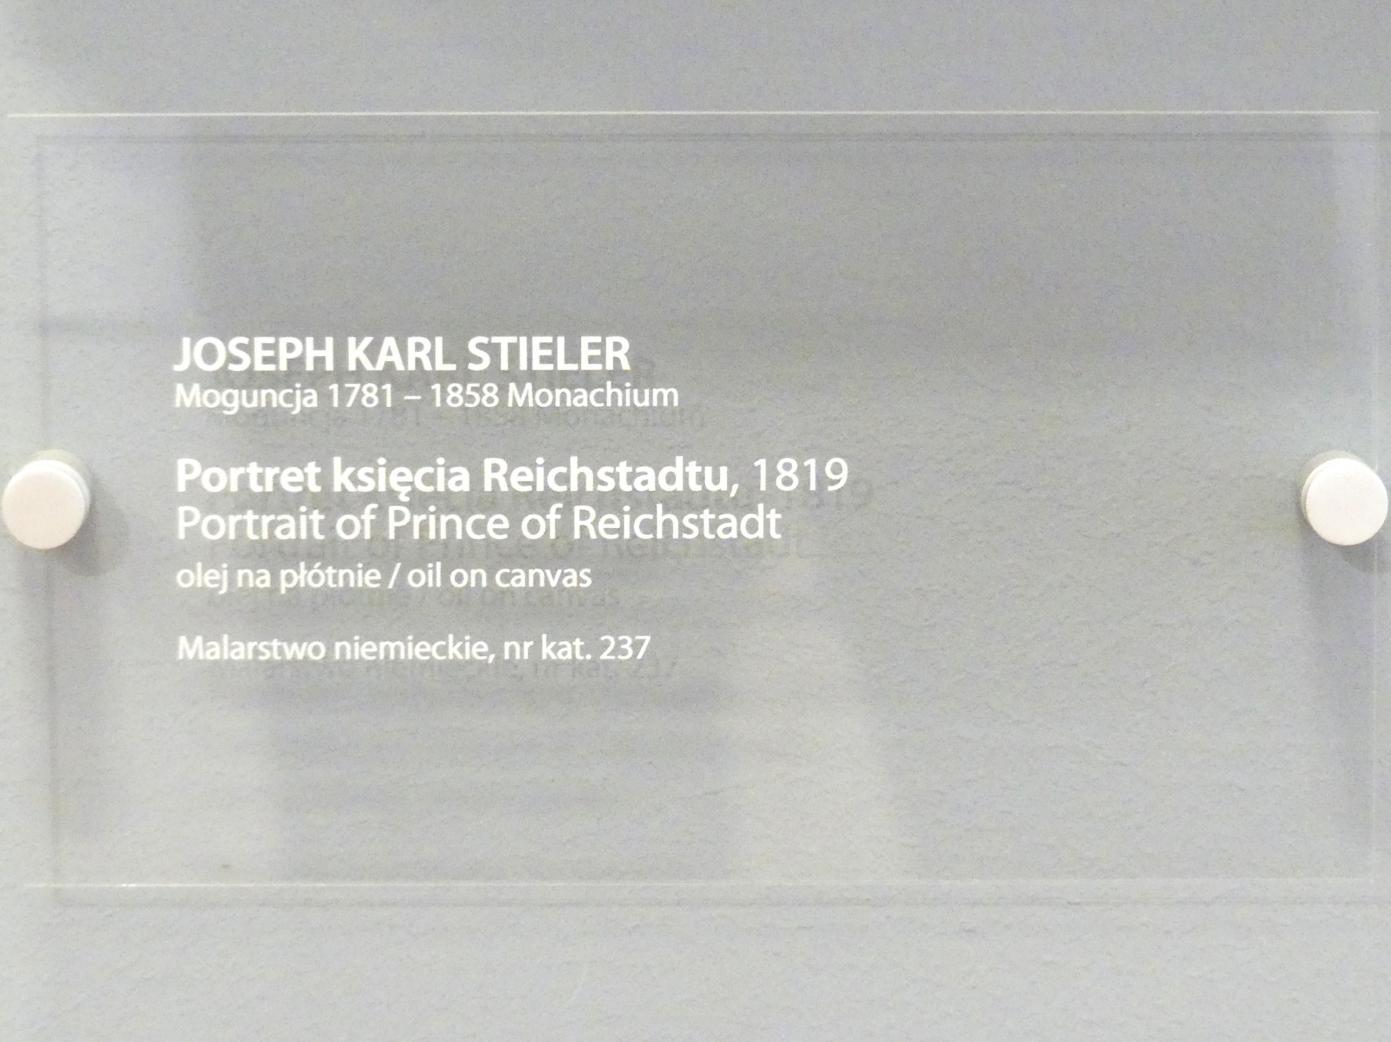 Joseph Karl Stieler: Porträt des Napoleon Franz Bonaparte (1811-1832), Herzog von Reichstadt (1818-1832), 1819, Bild 2/2